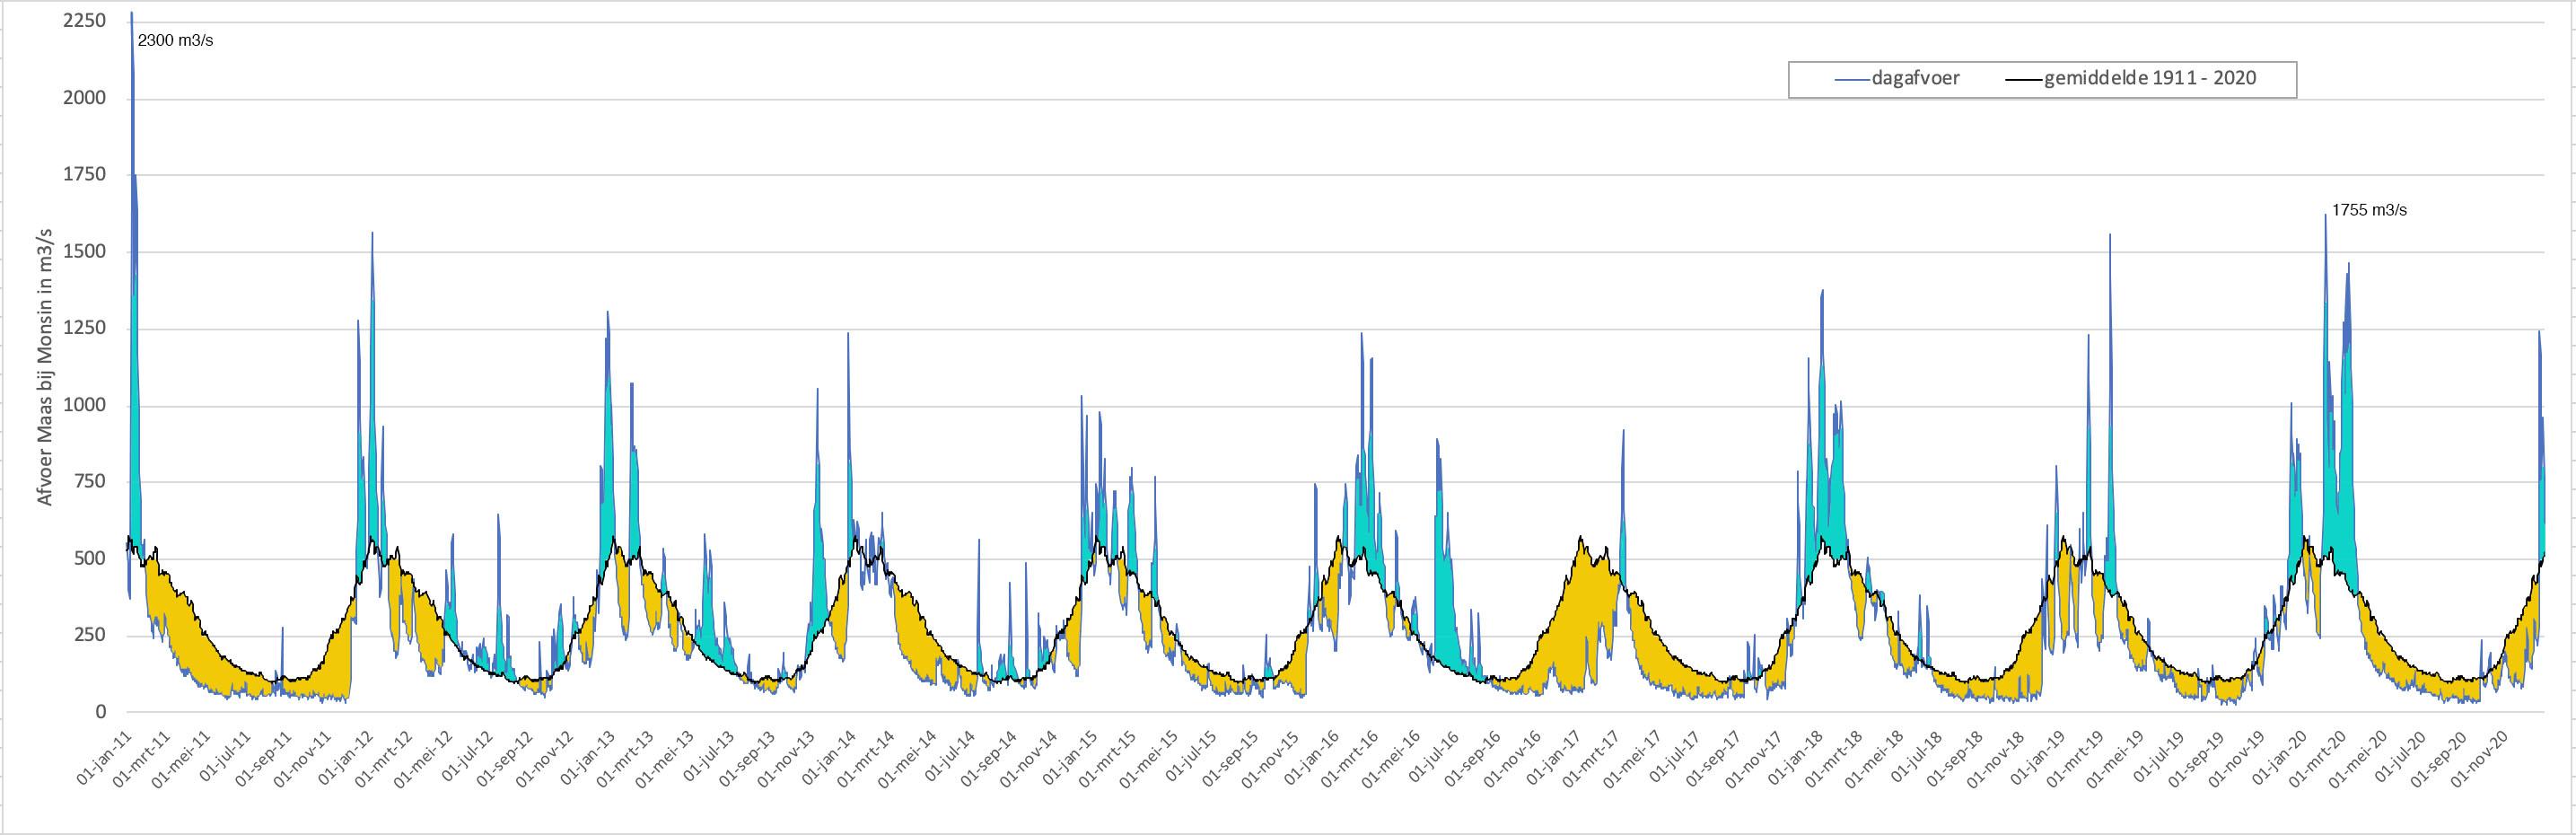 Afvoerverloop van de Maas bij Monsin in m3/s. Perioden met een afvoer boven gemiddeld zijn blauw gekleurd, onder gemiddeld oranje.